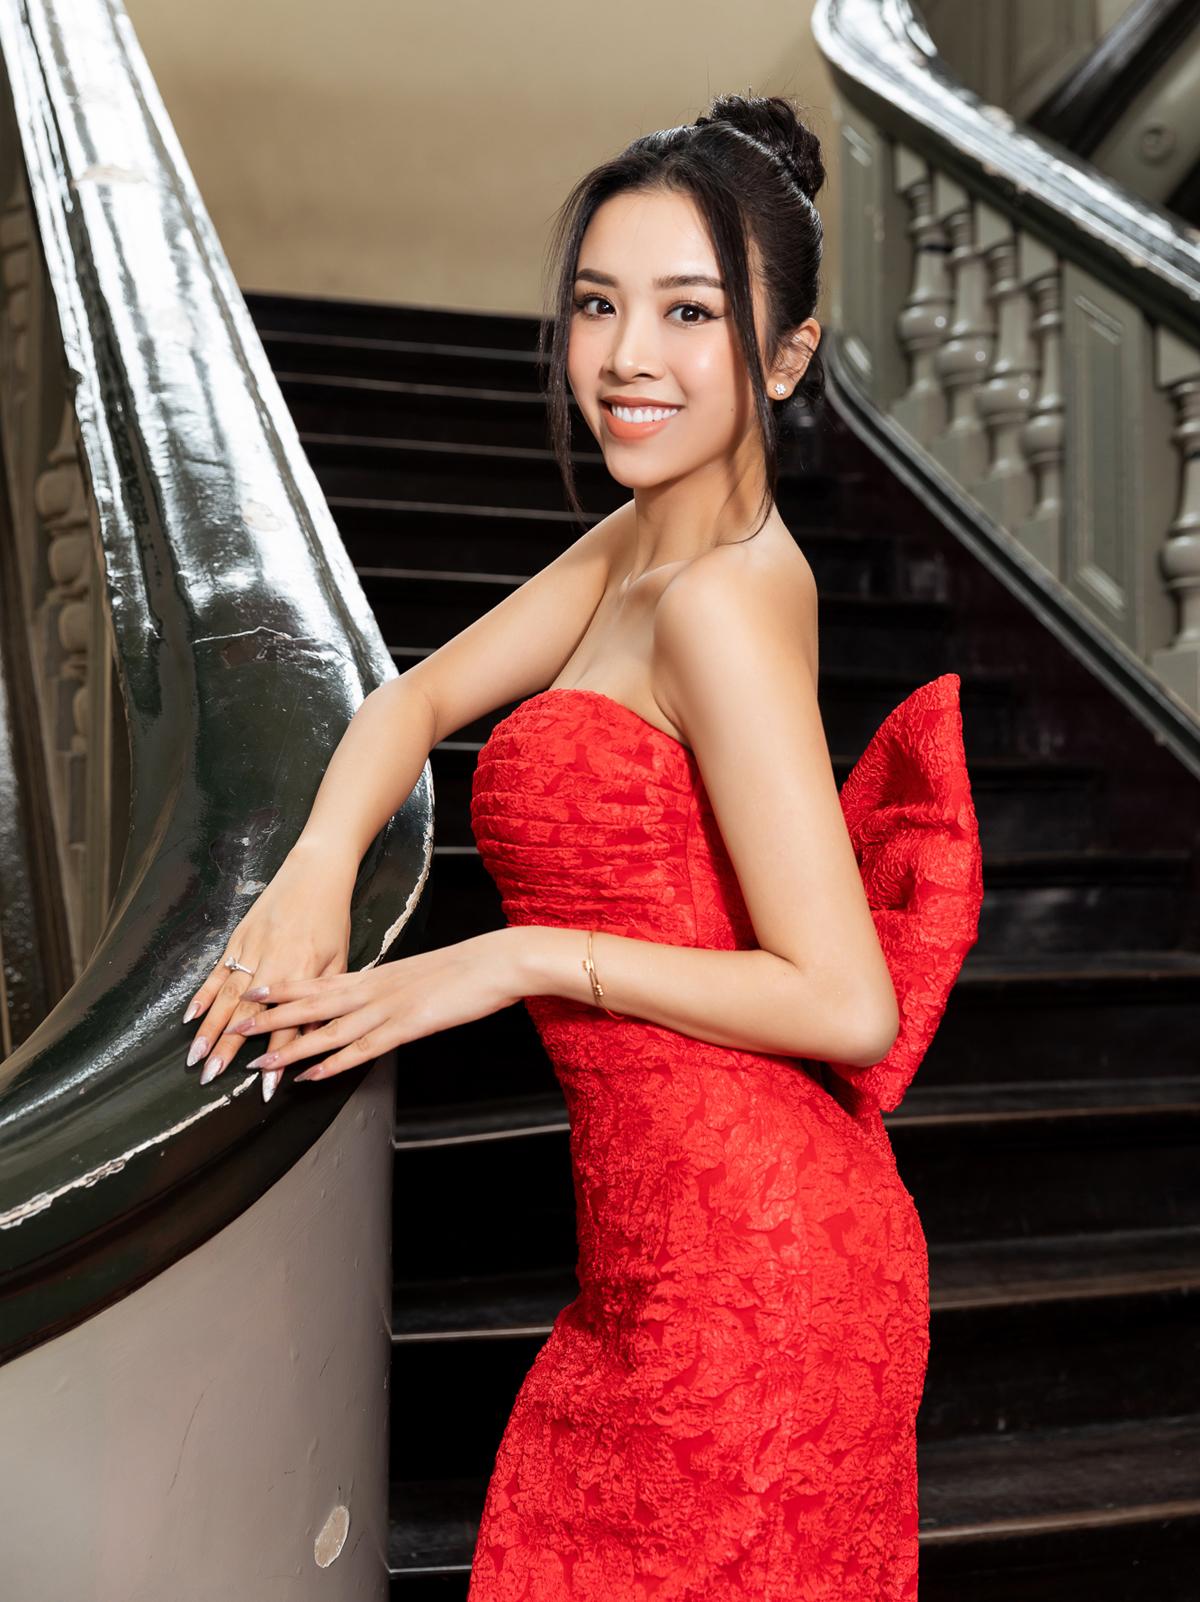 Ngay sau khi kết hôn, Á hậu Thúy An tất bật chạy show. Cô đến ủng hộ Vũ Ngọc và Son với chiếc váy quây gợi cảm.